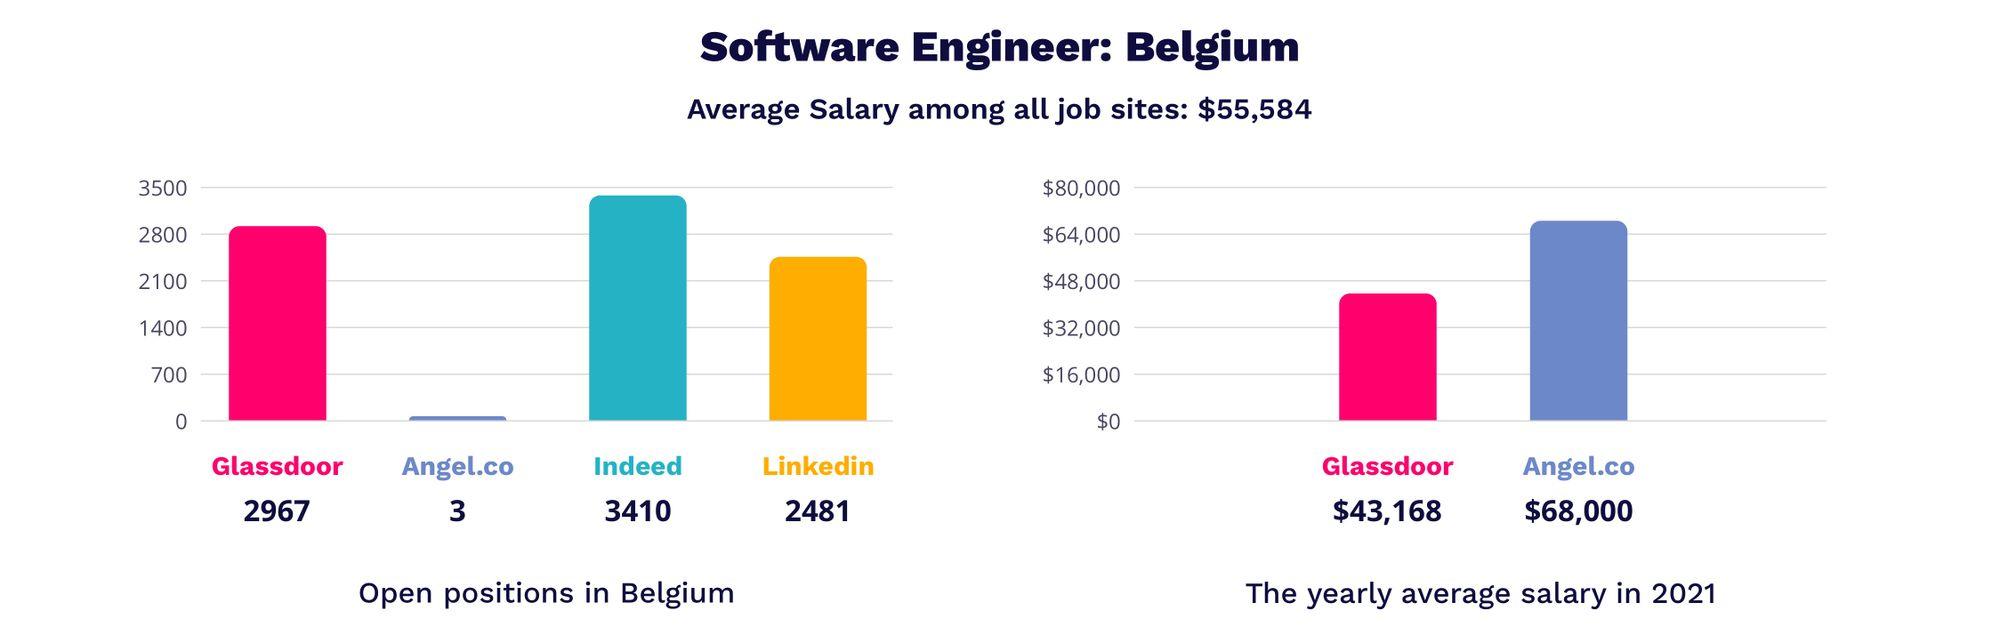 software engineer salary in Belgium